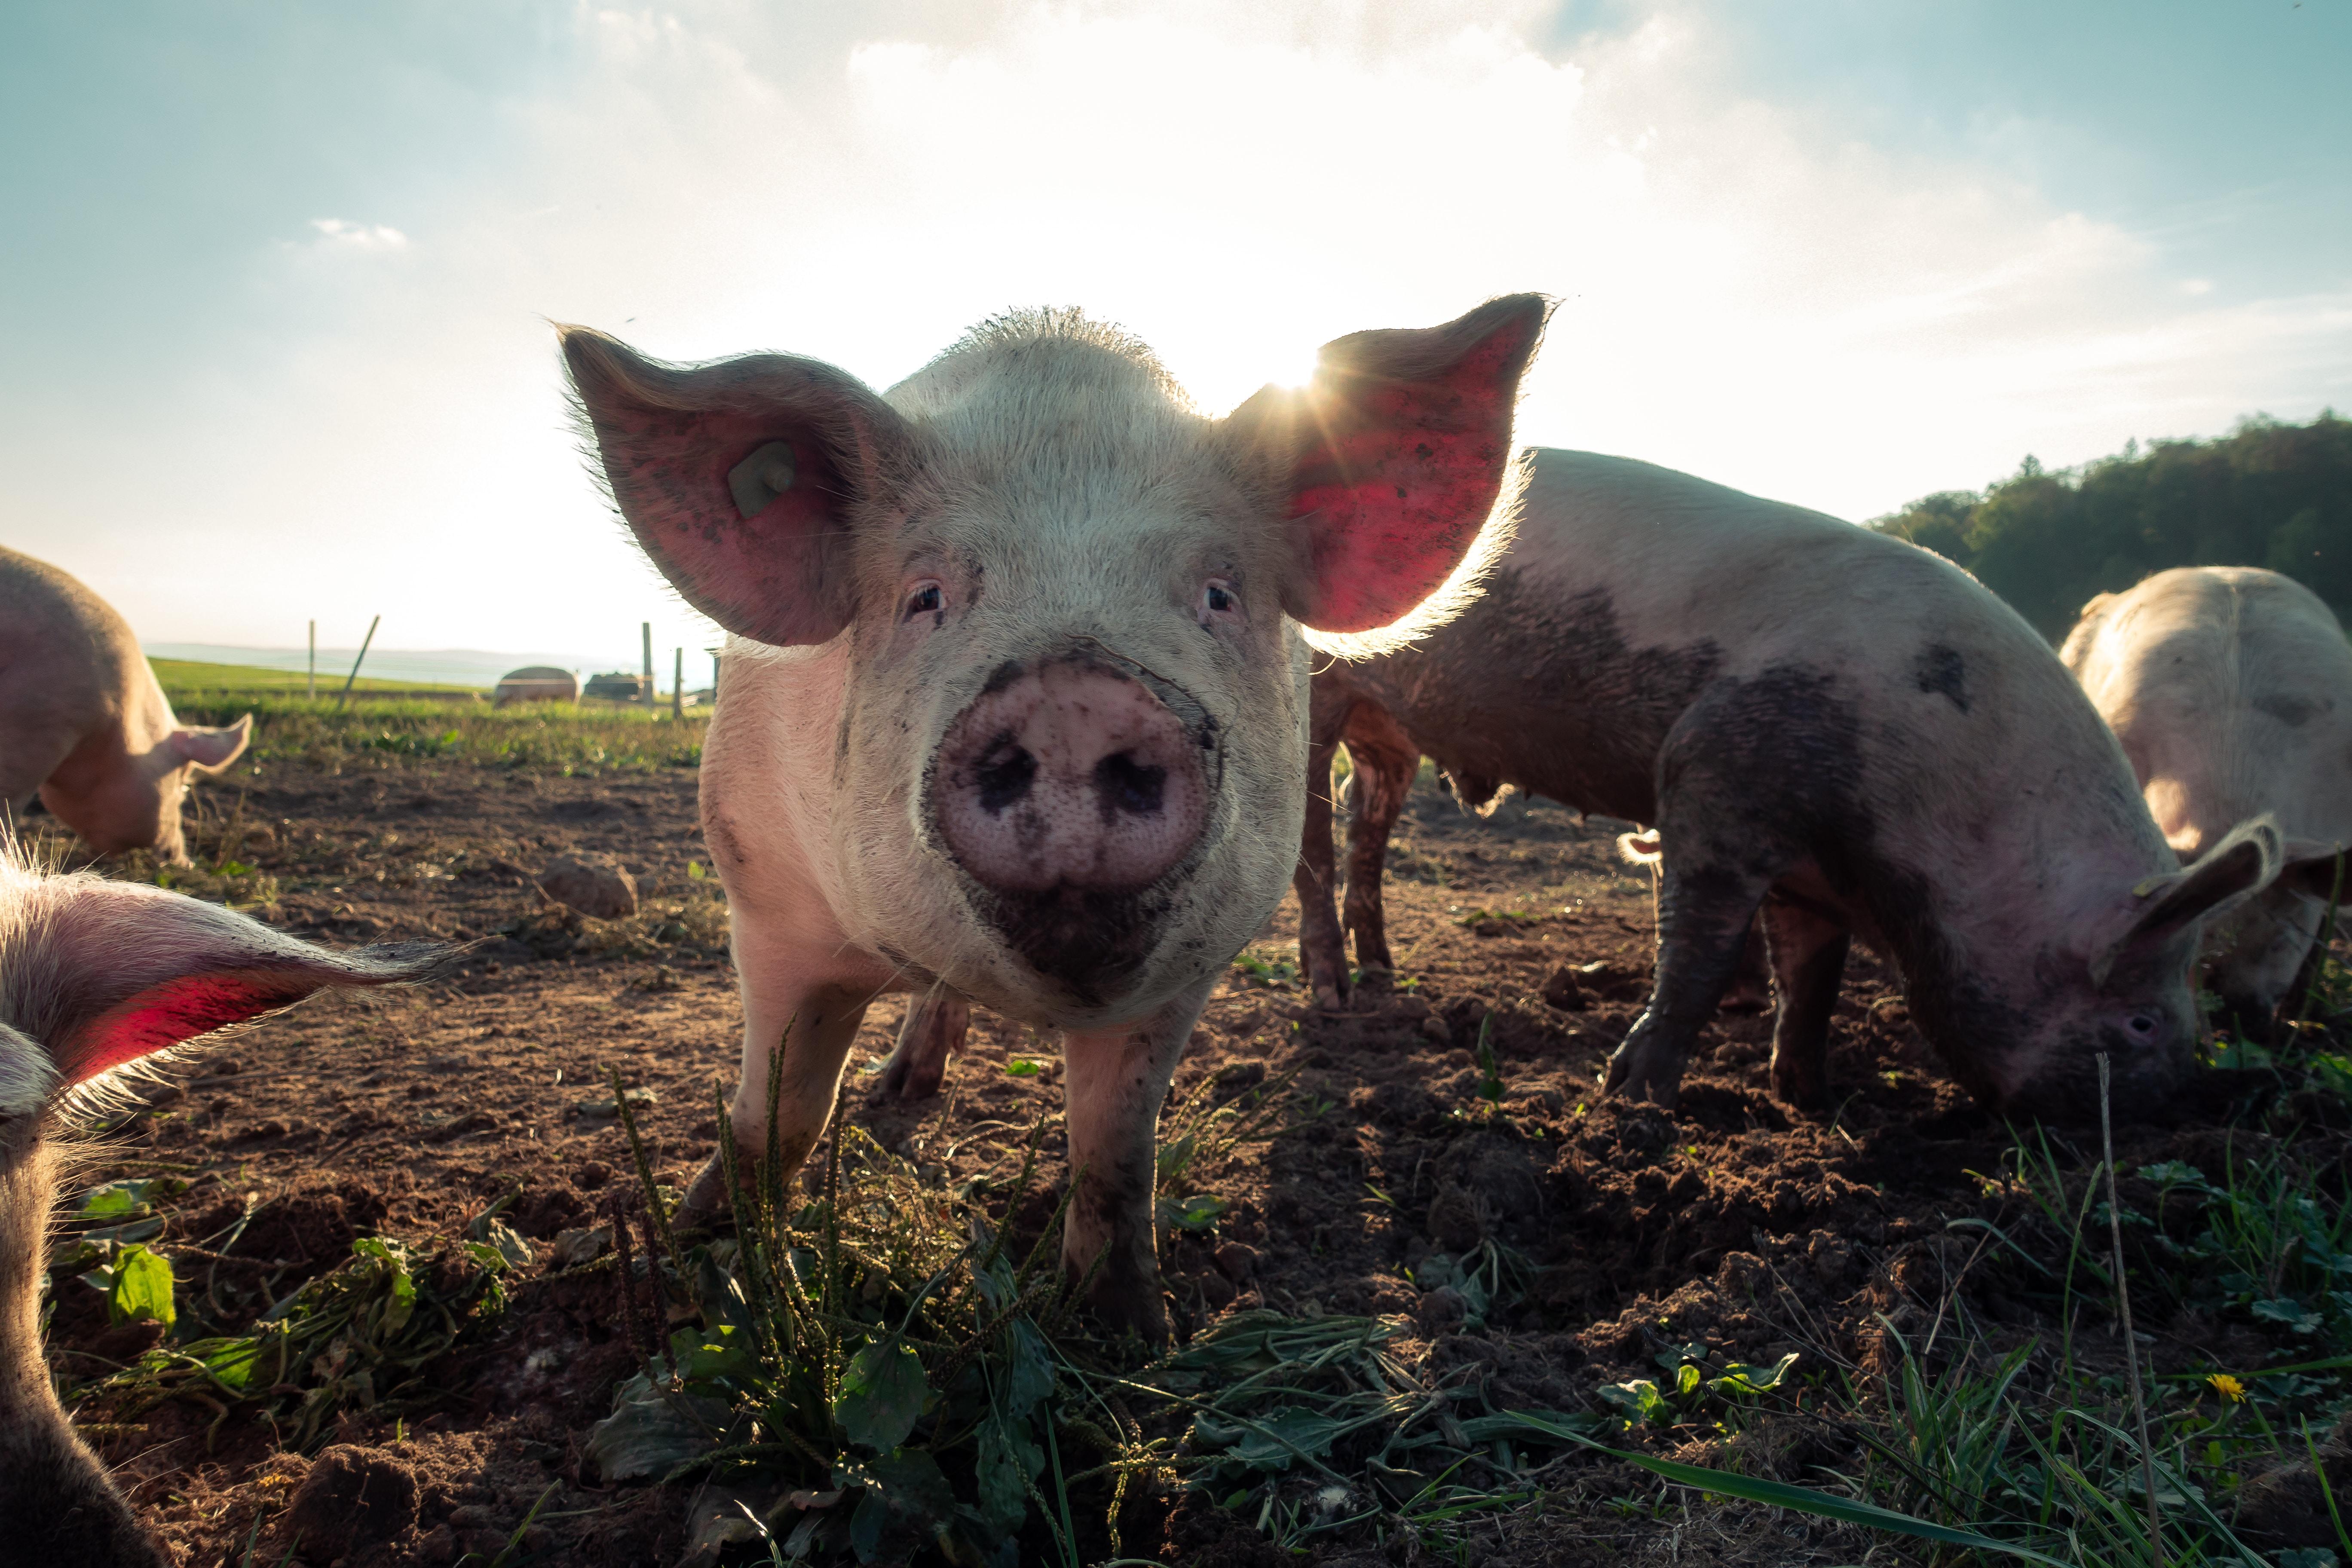 Männer sind Schweine? - 10 Gründe warum Männer Schweine sind und 10 Gründe warum nicht